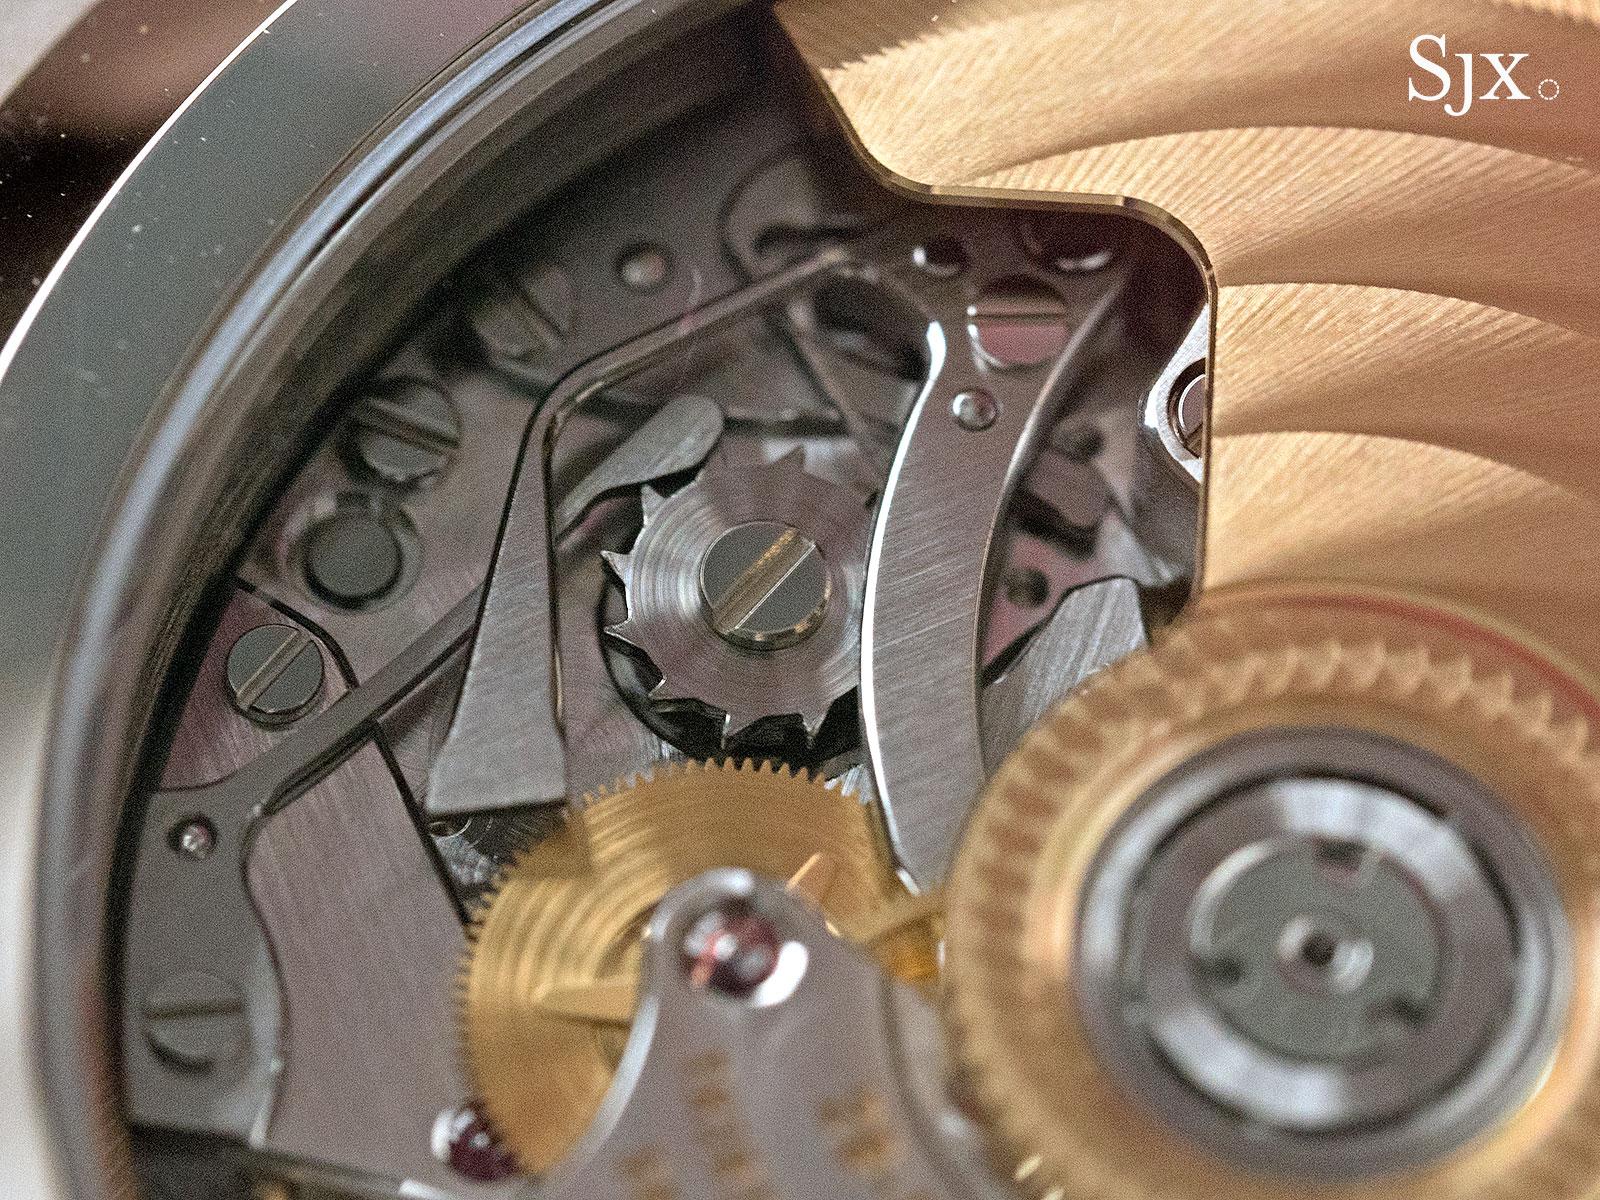 Patek Philippe Nautilus Chronograph Ref. 5976-1G 40th Anniversary 17